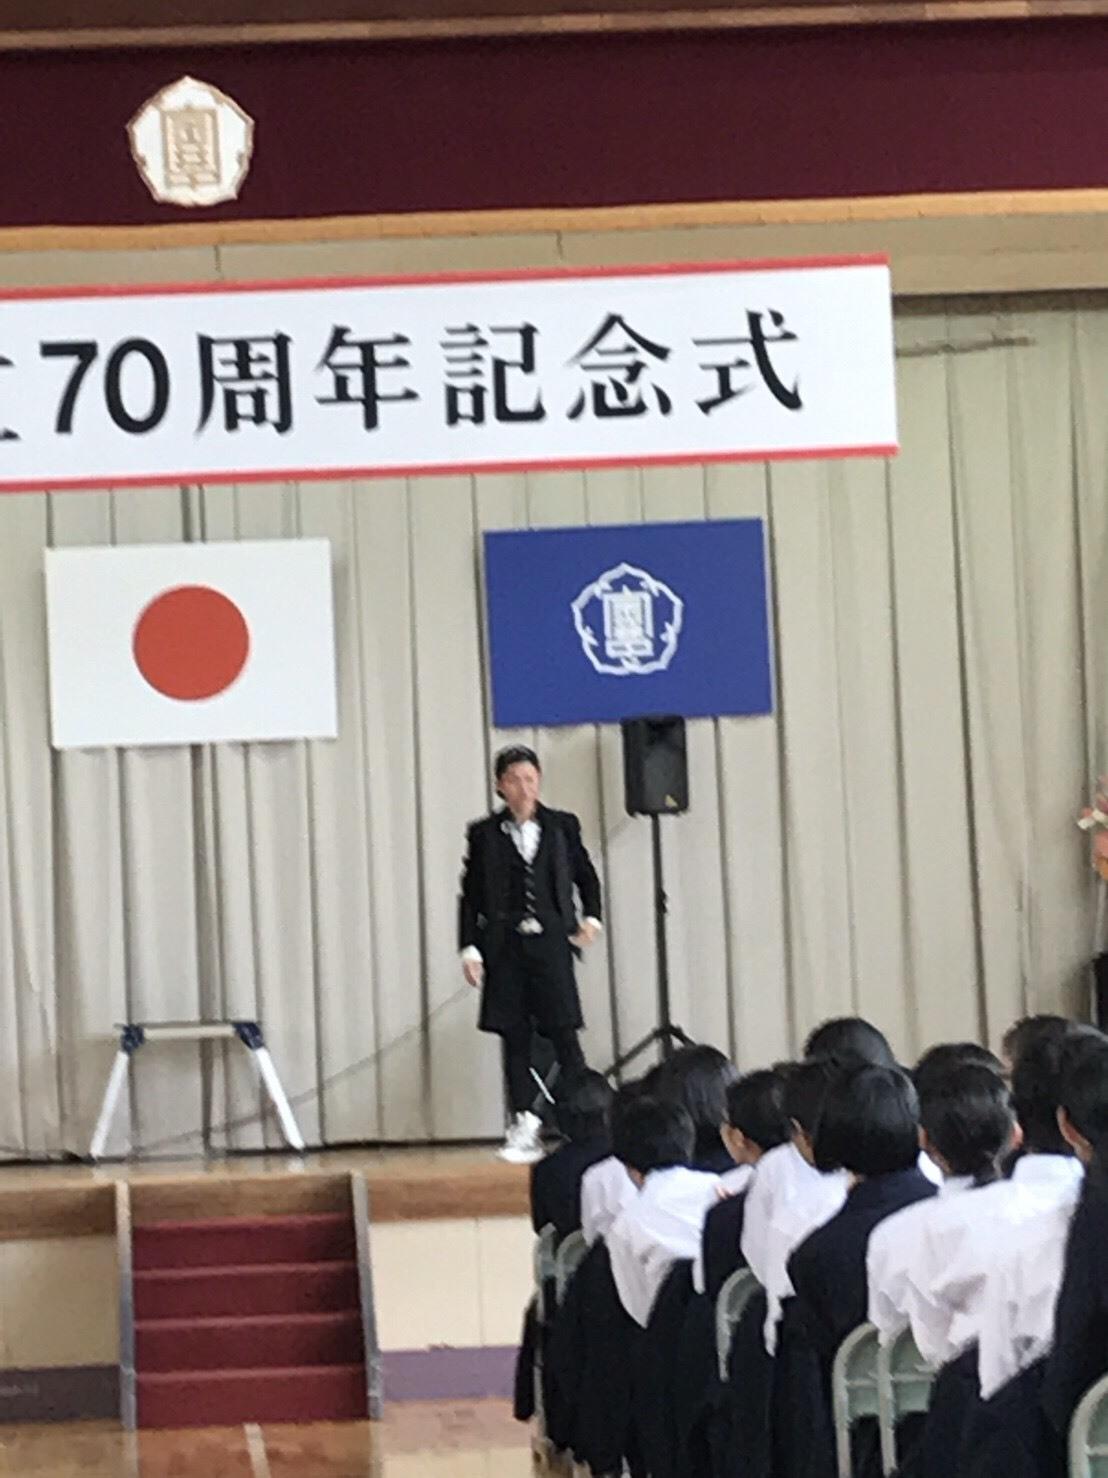 金井中学校の70周年_a0163623_16564438.jpg